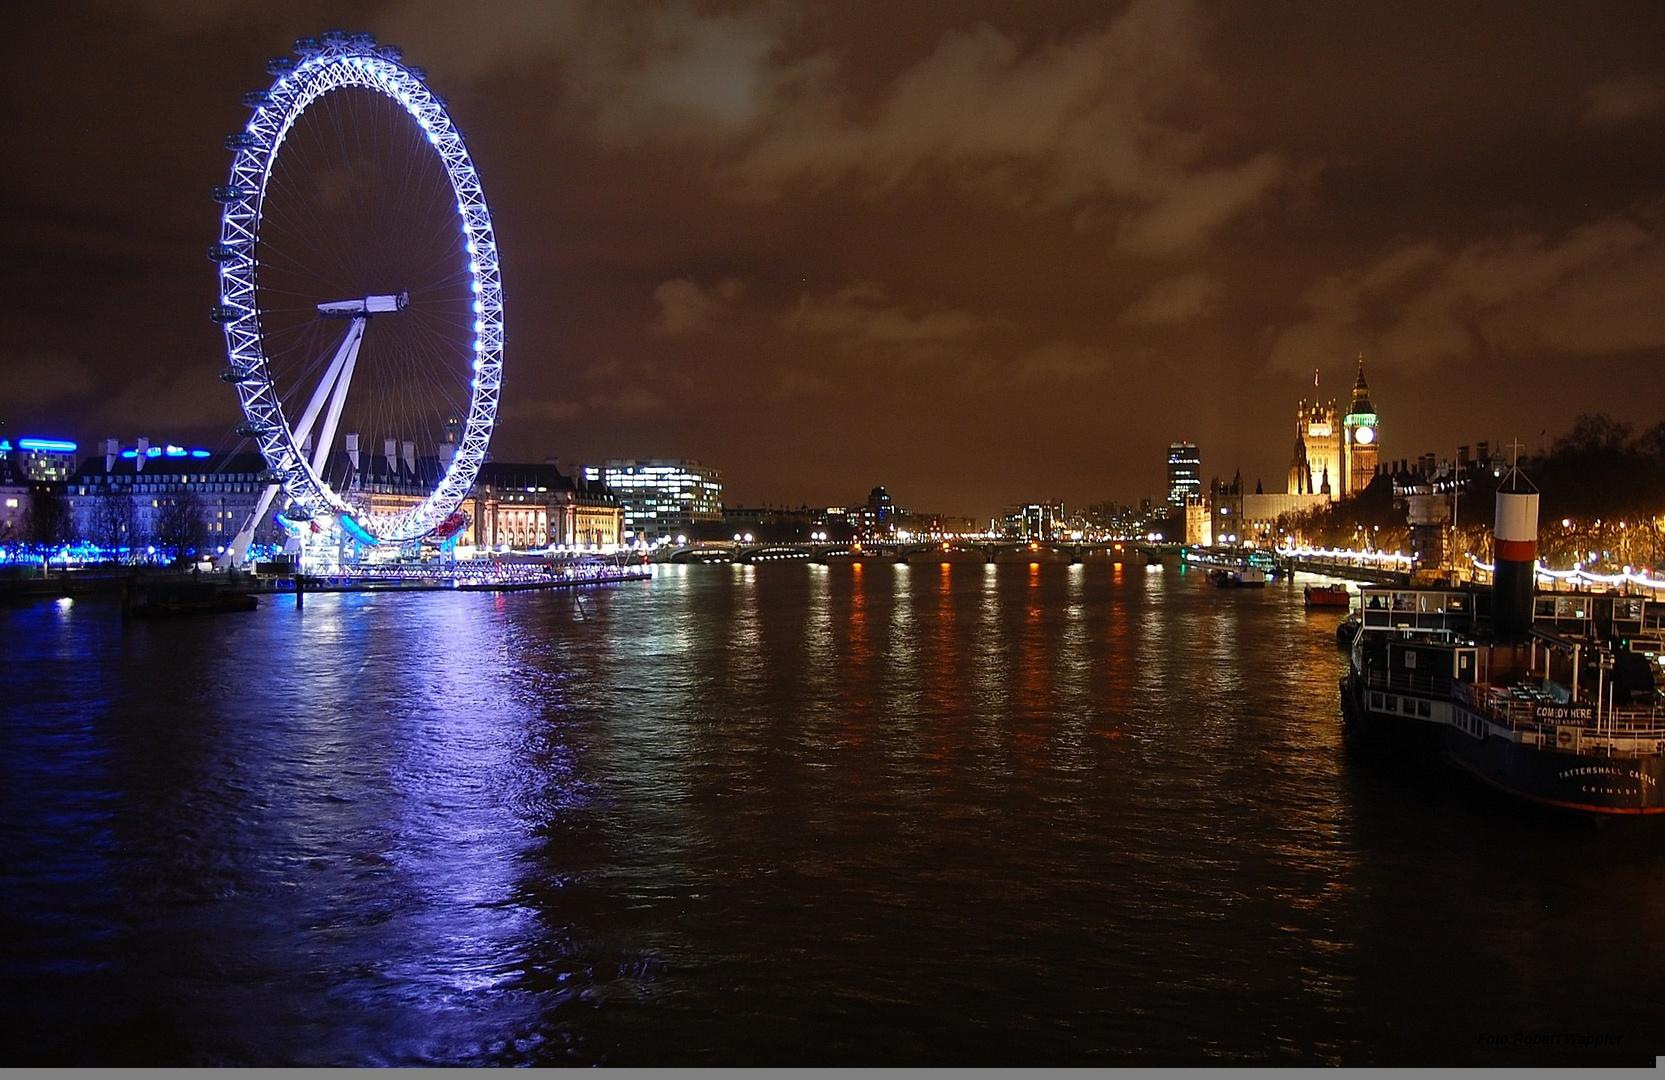 Silvesterreise 2010 / 2011 in London